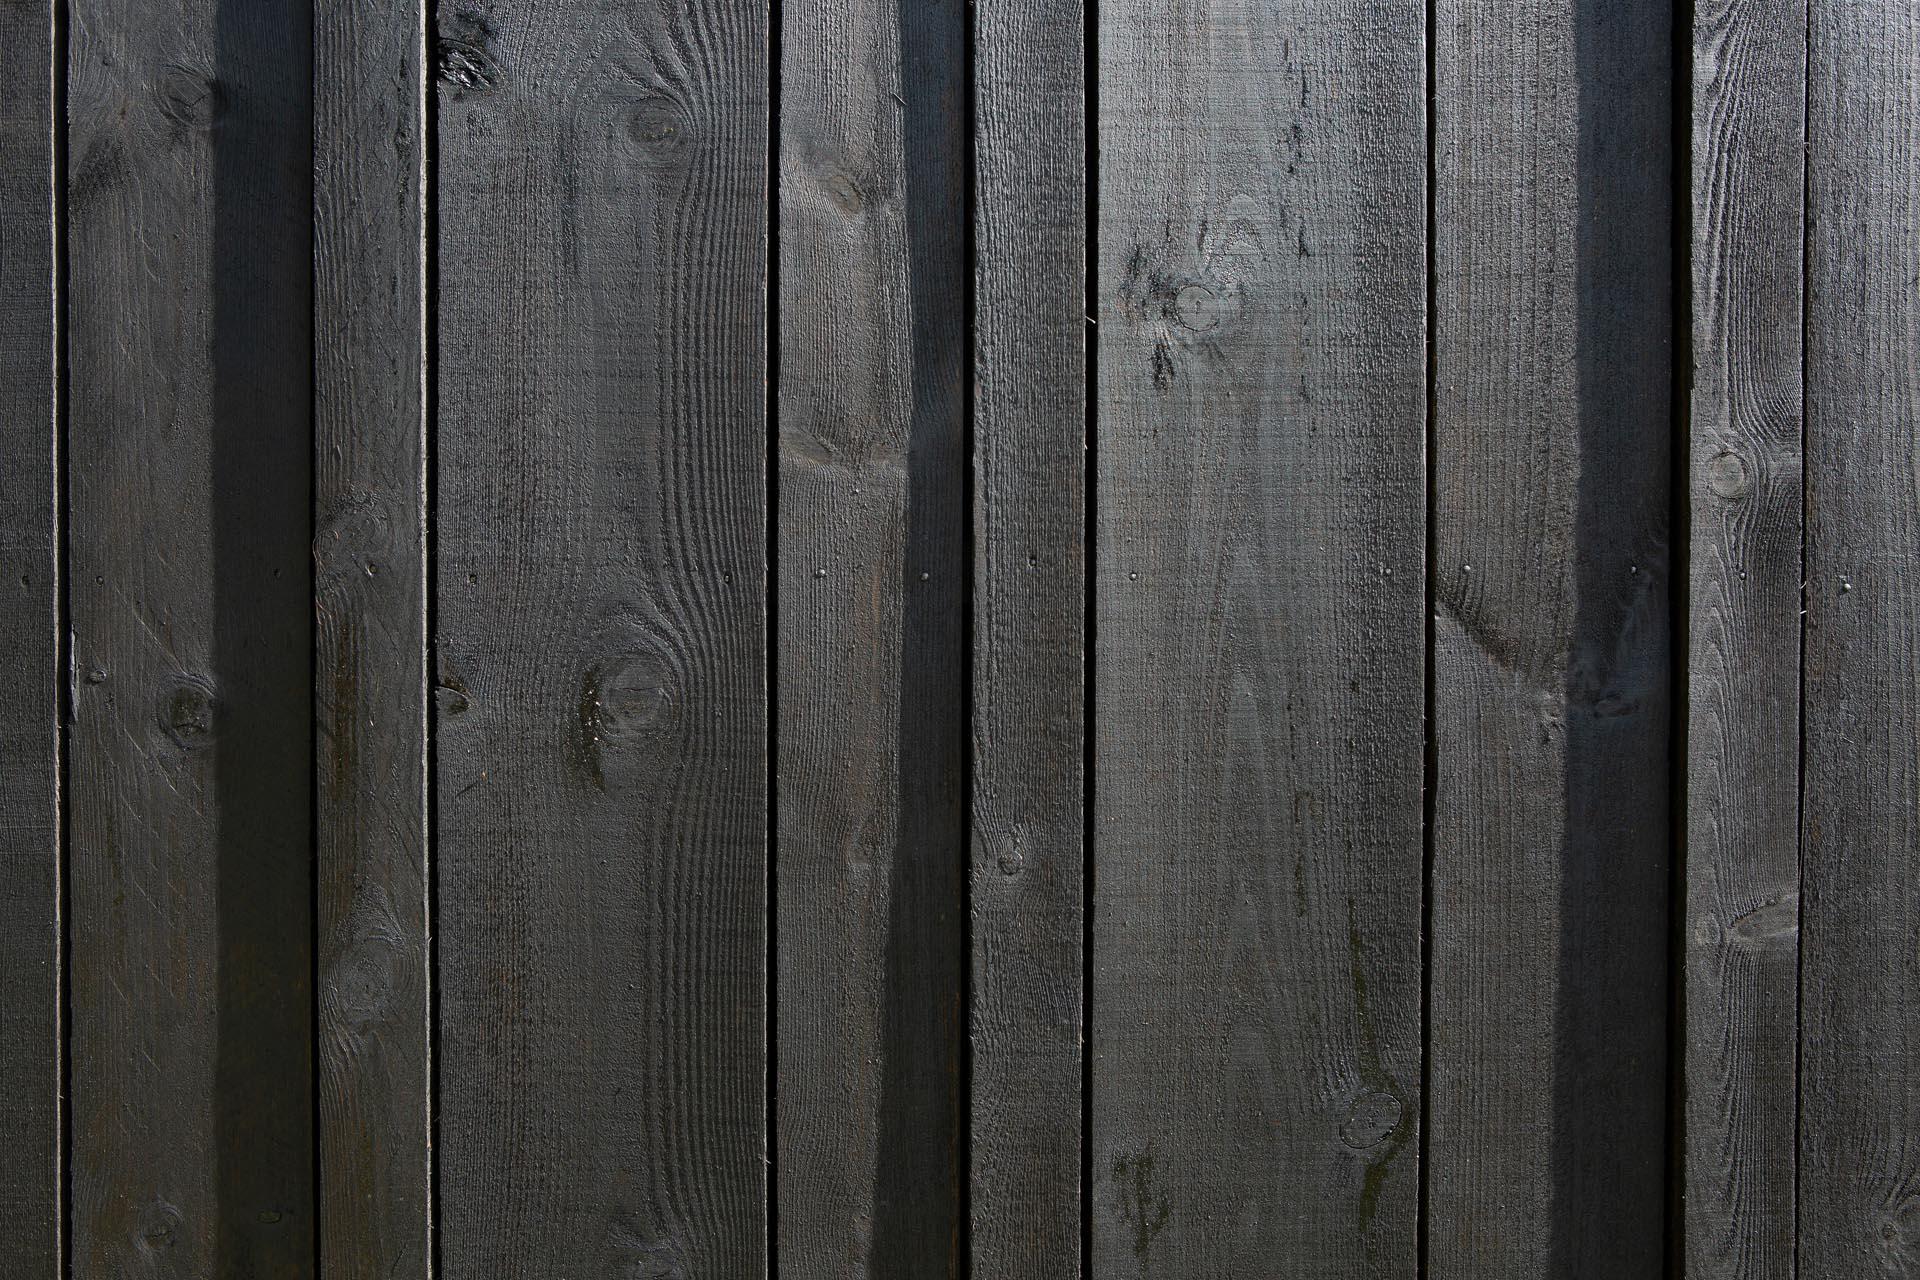 Matte black wood siding